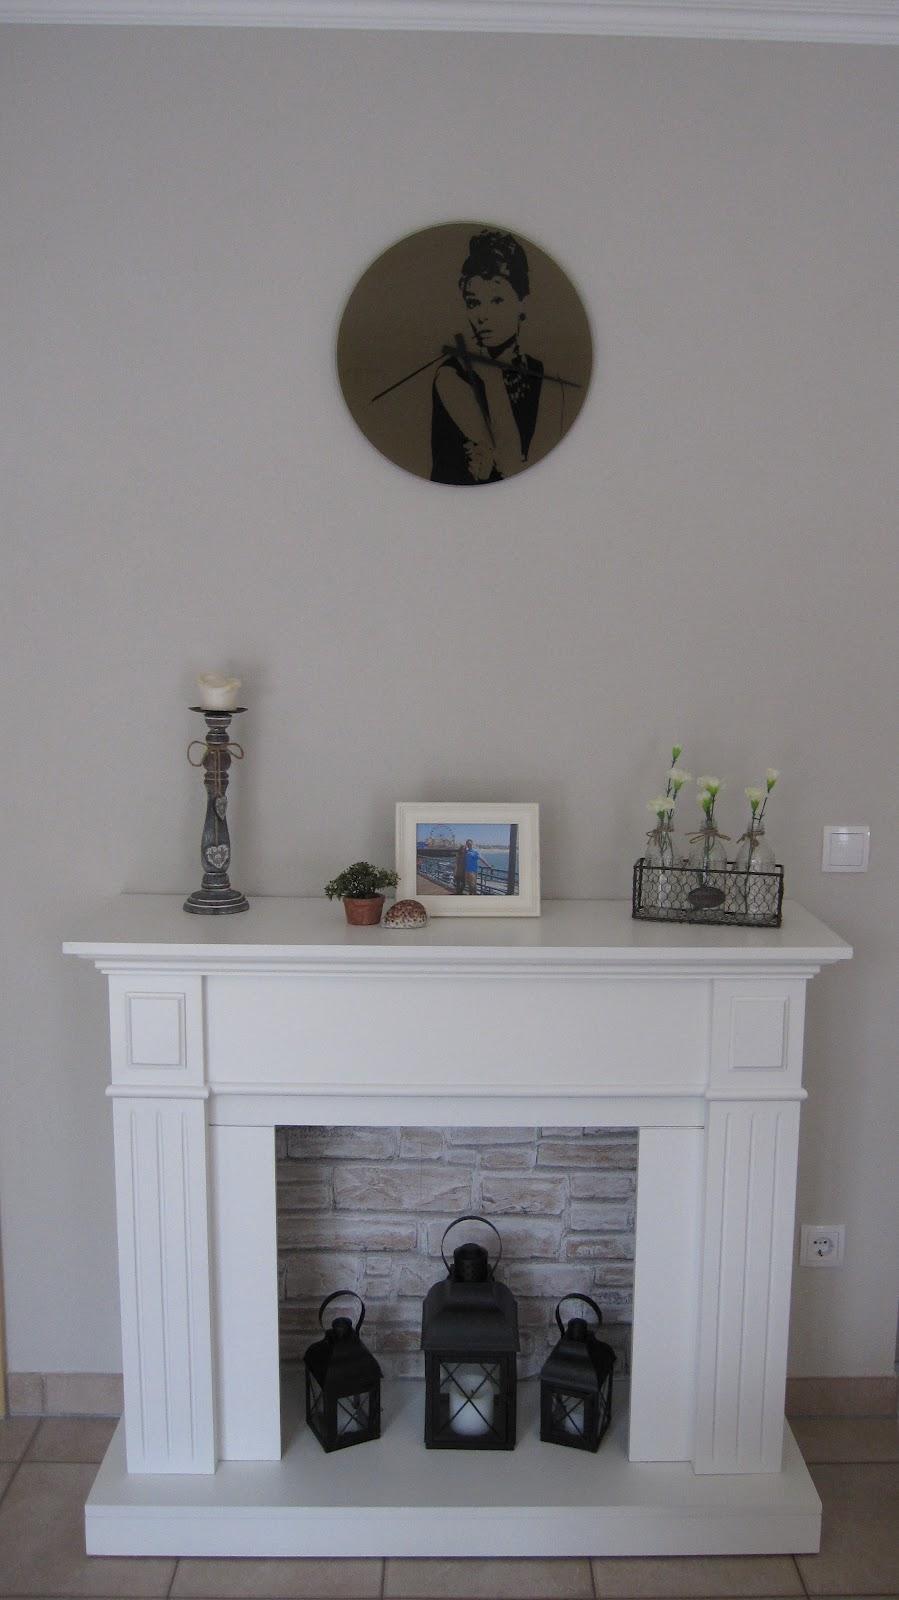 kaminkonsole wei abdeckung ablauf dusche. Black Bedroom Furniture Sets. Home Design Ideas